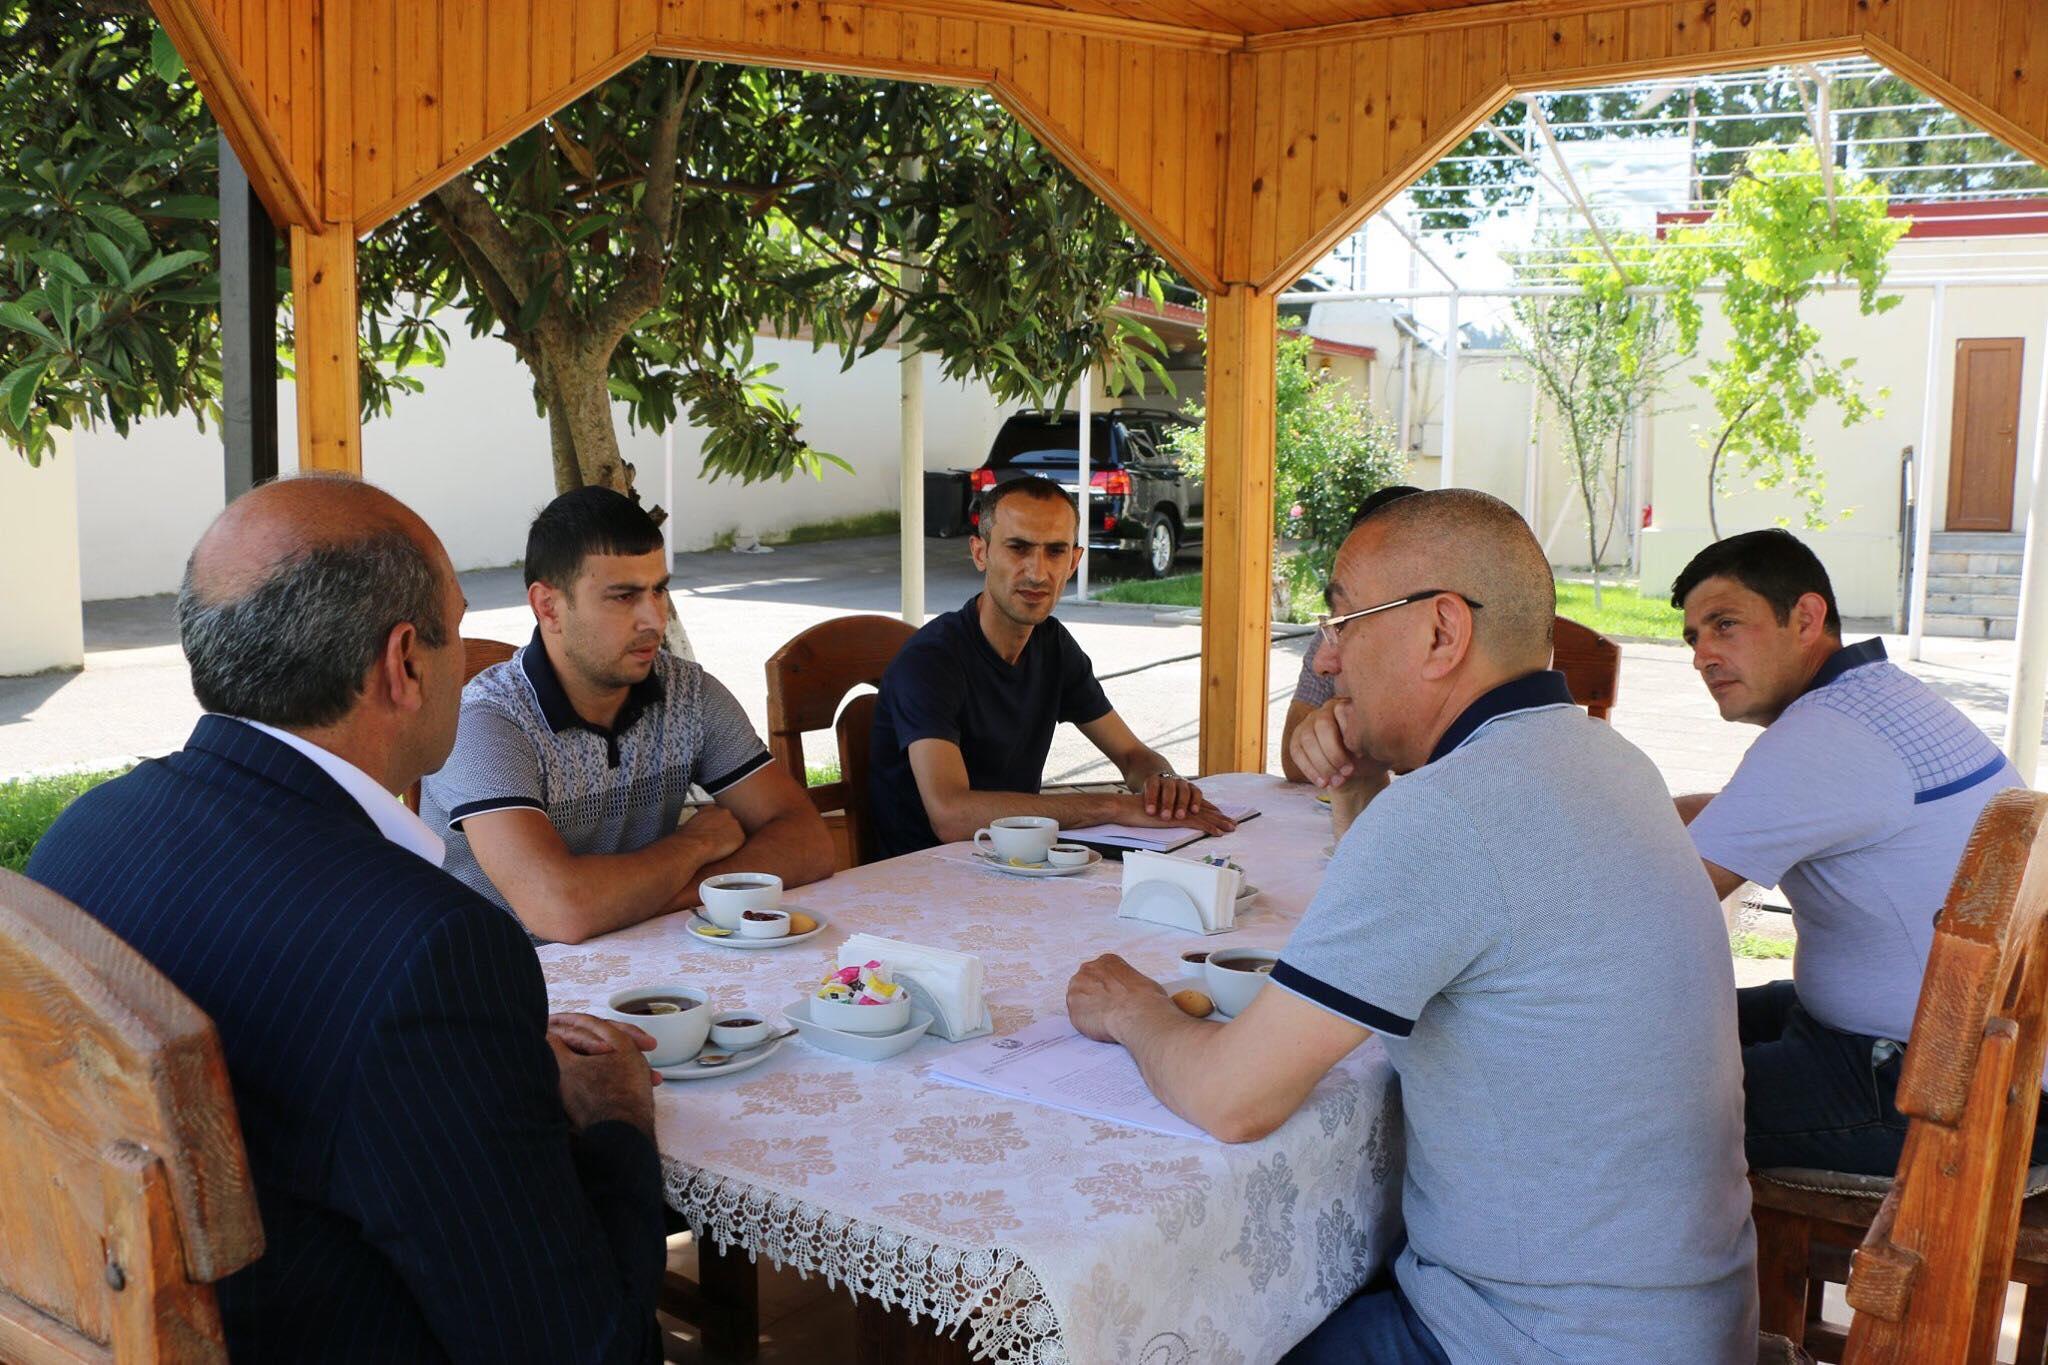 Alimpaşa Məmmədov Dilqəm Əsgərovun oğlu ilə görüşdü – Fotolar